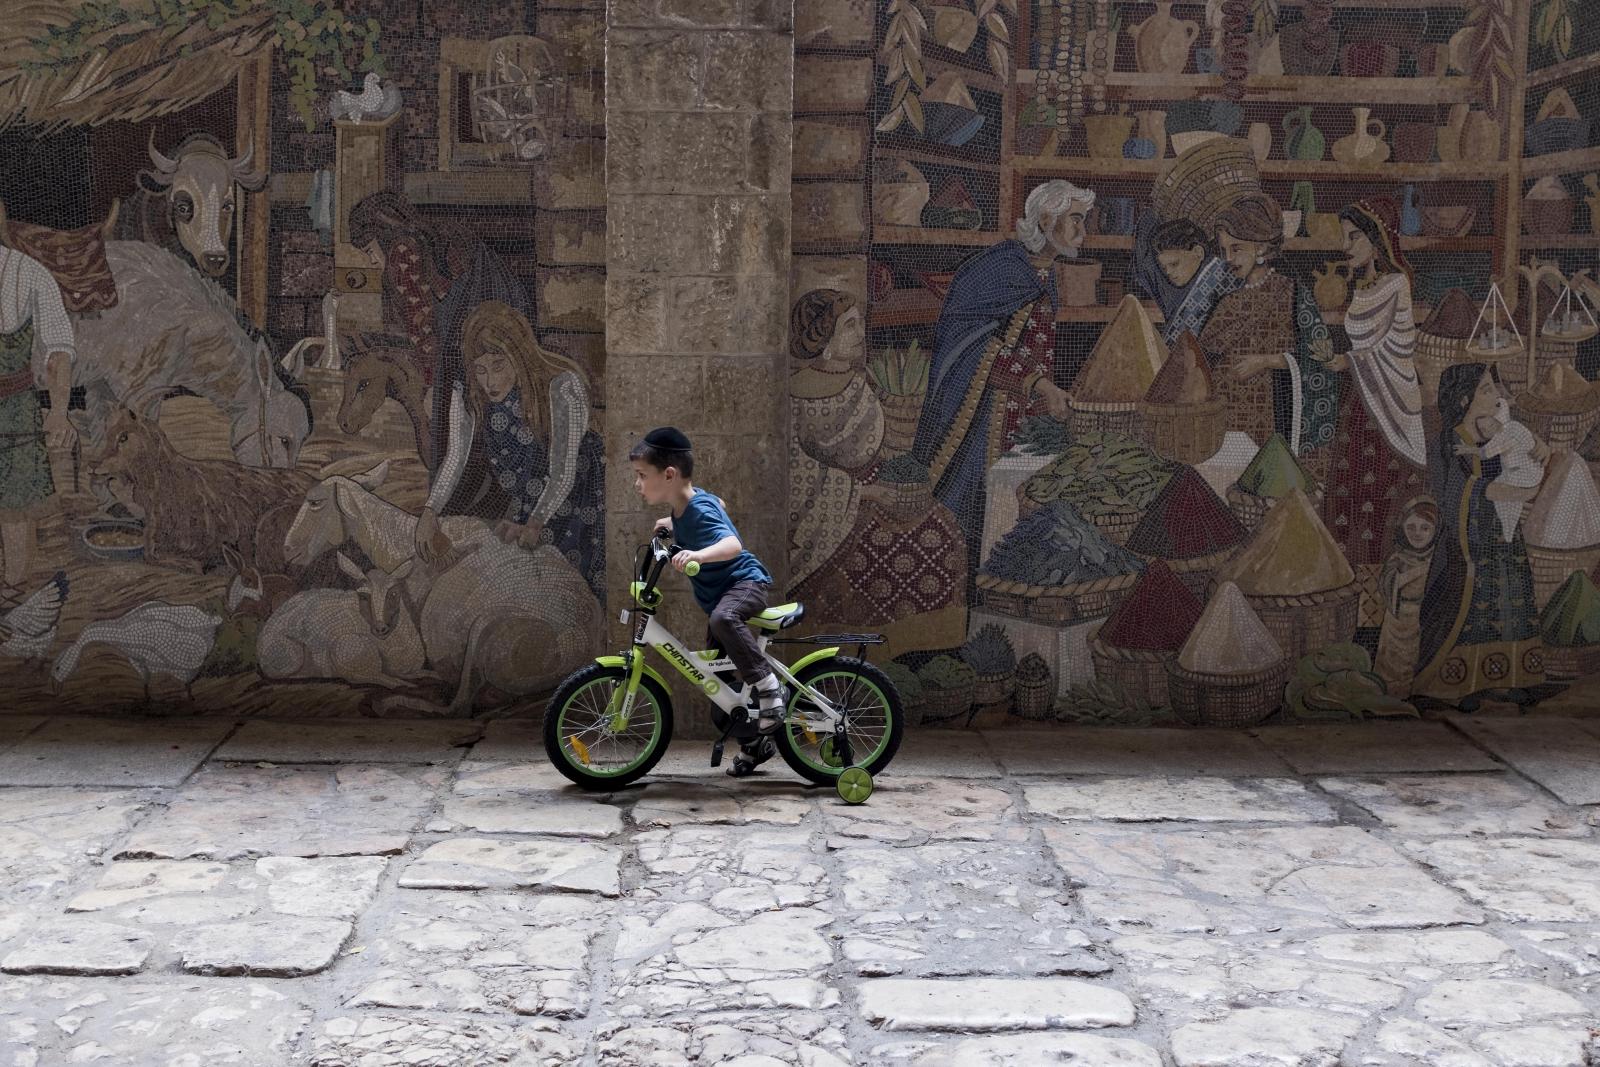 Mały ortodoksyjny Żyd jeździ na rowerze w żydowskiej części Starego Miasta Jerozolimy.